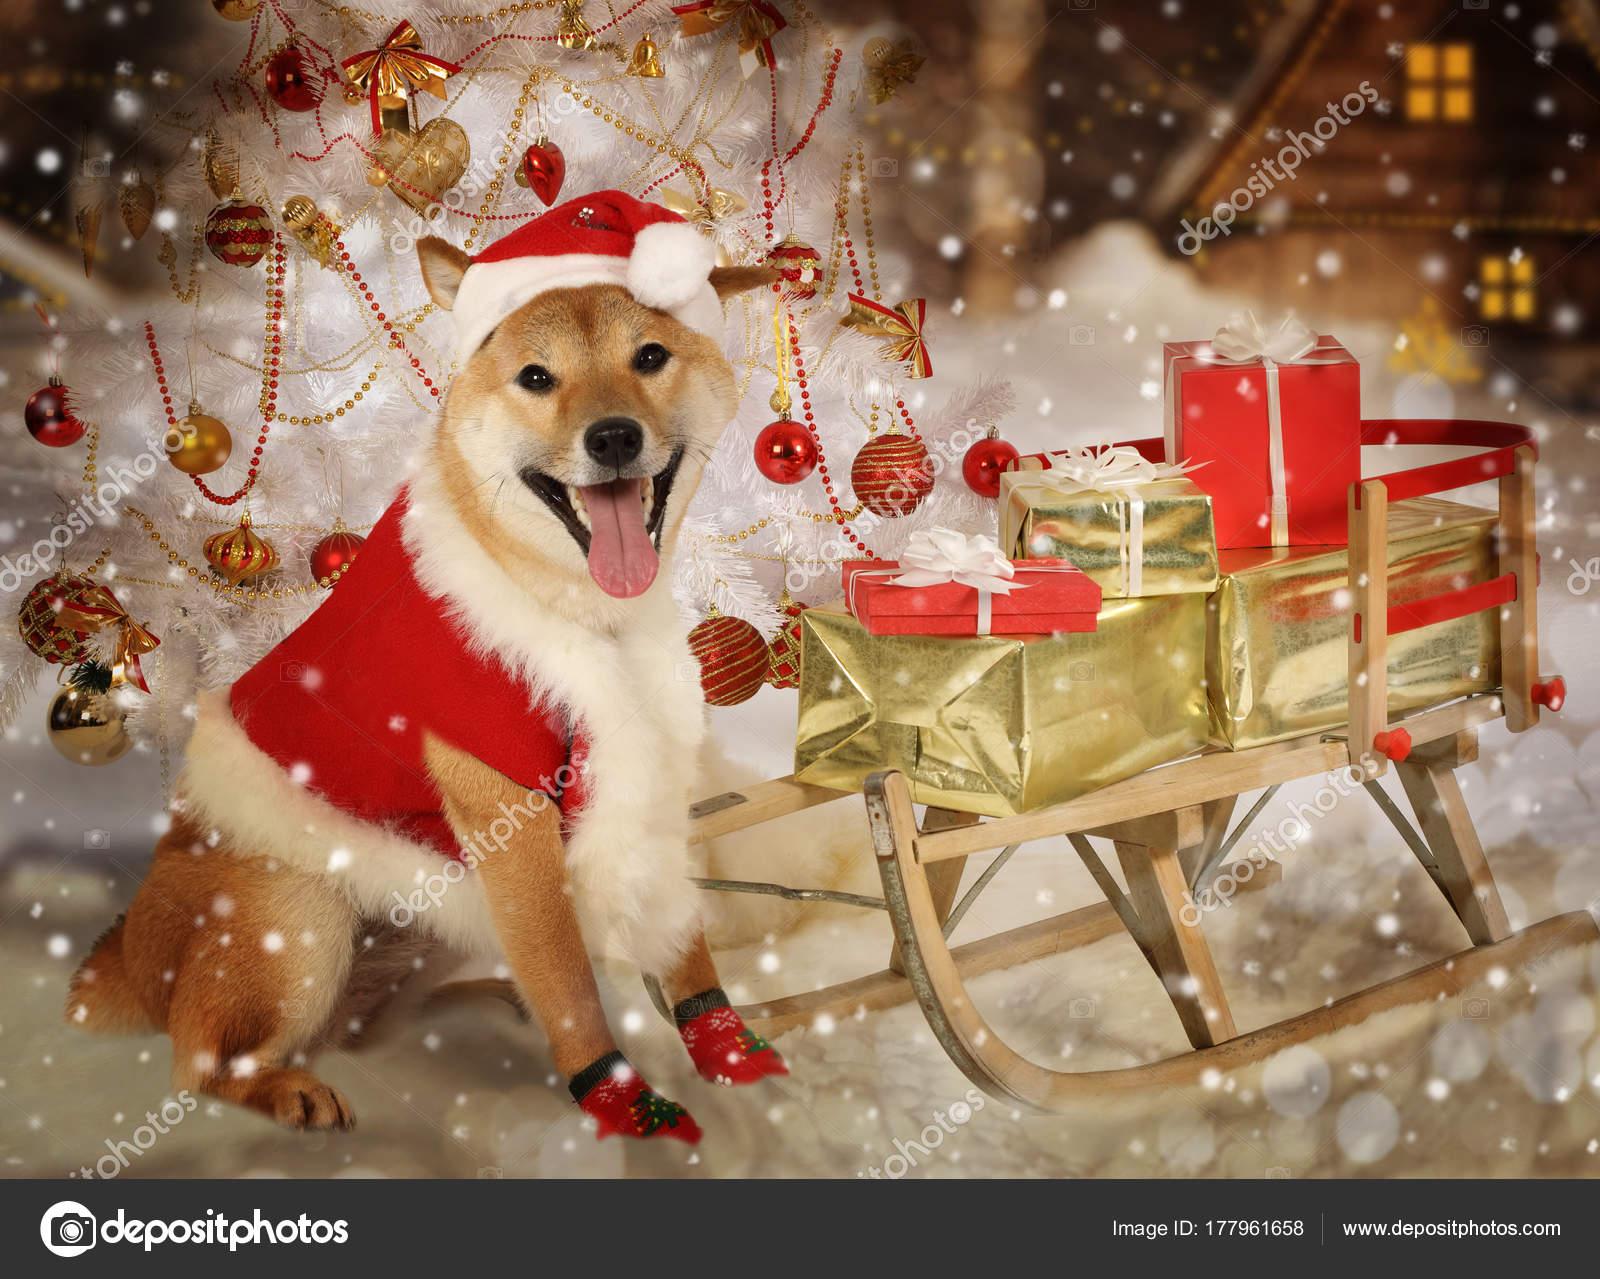 Shiba Inu Hund in Santa Kleidung — Stockfoto © alkir_dep #177961658